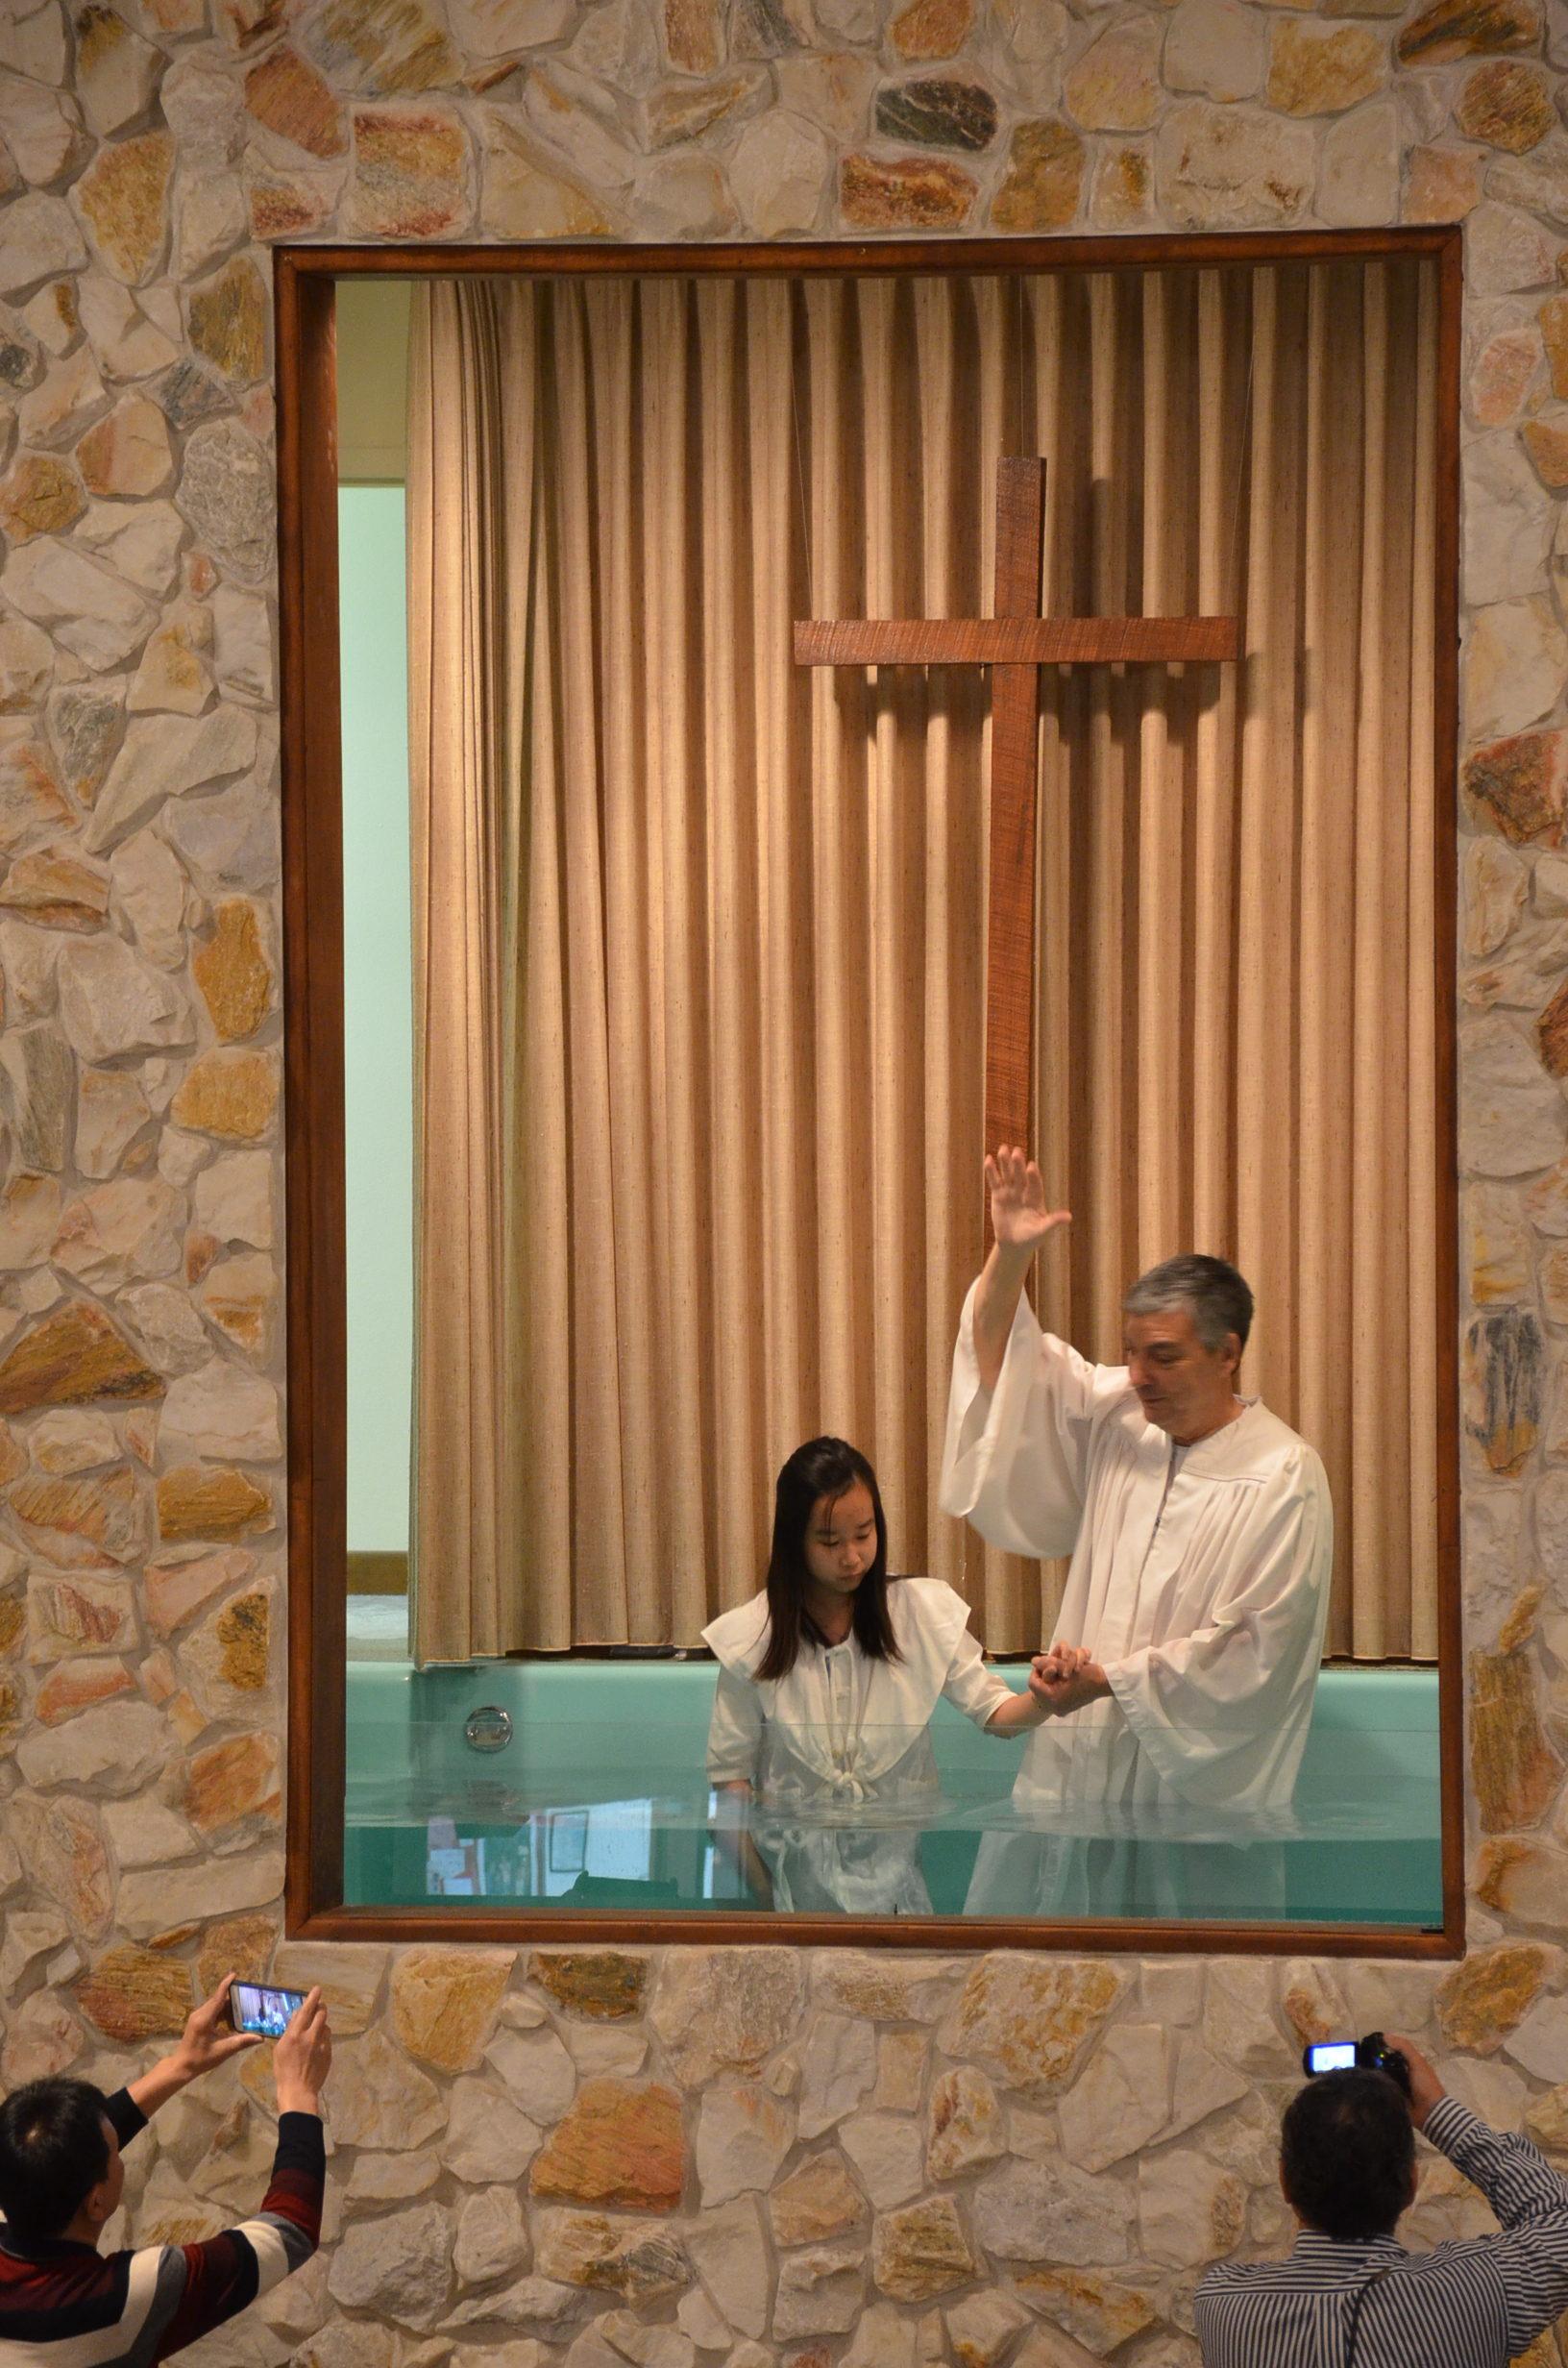 劉姊妹受洗 2-10-19